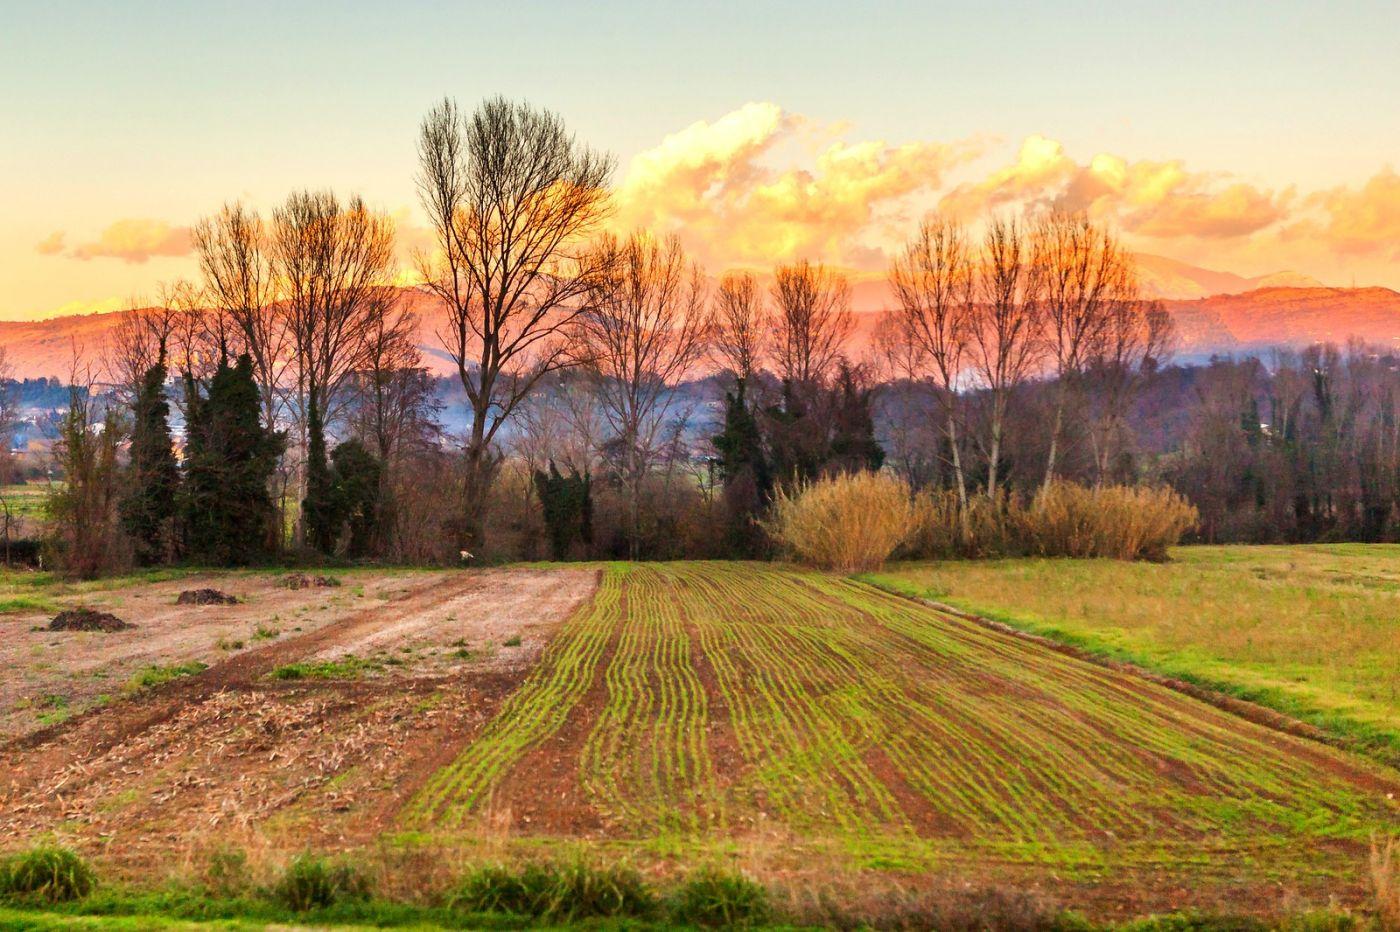 意大利路途,黄昏时的乡村_图1-21